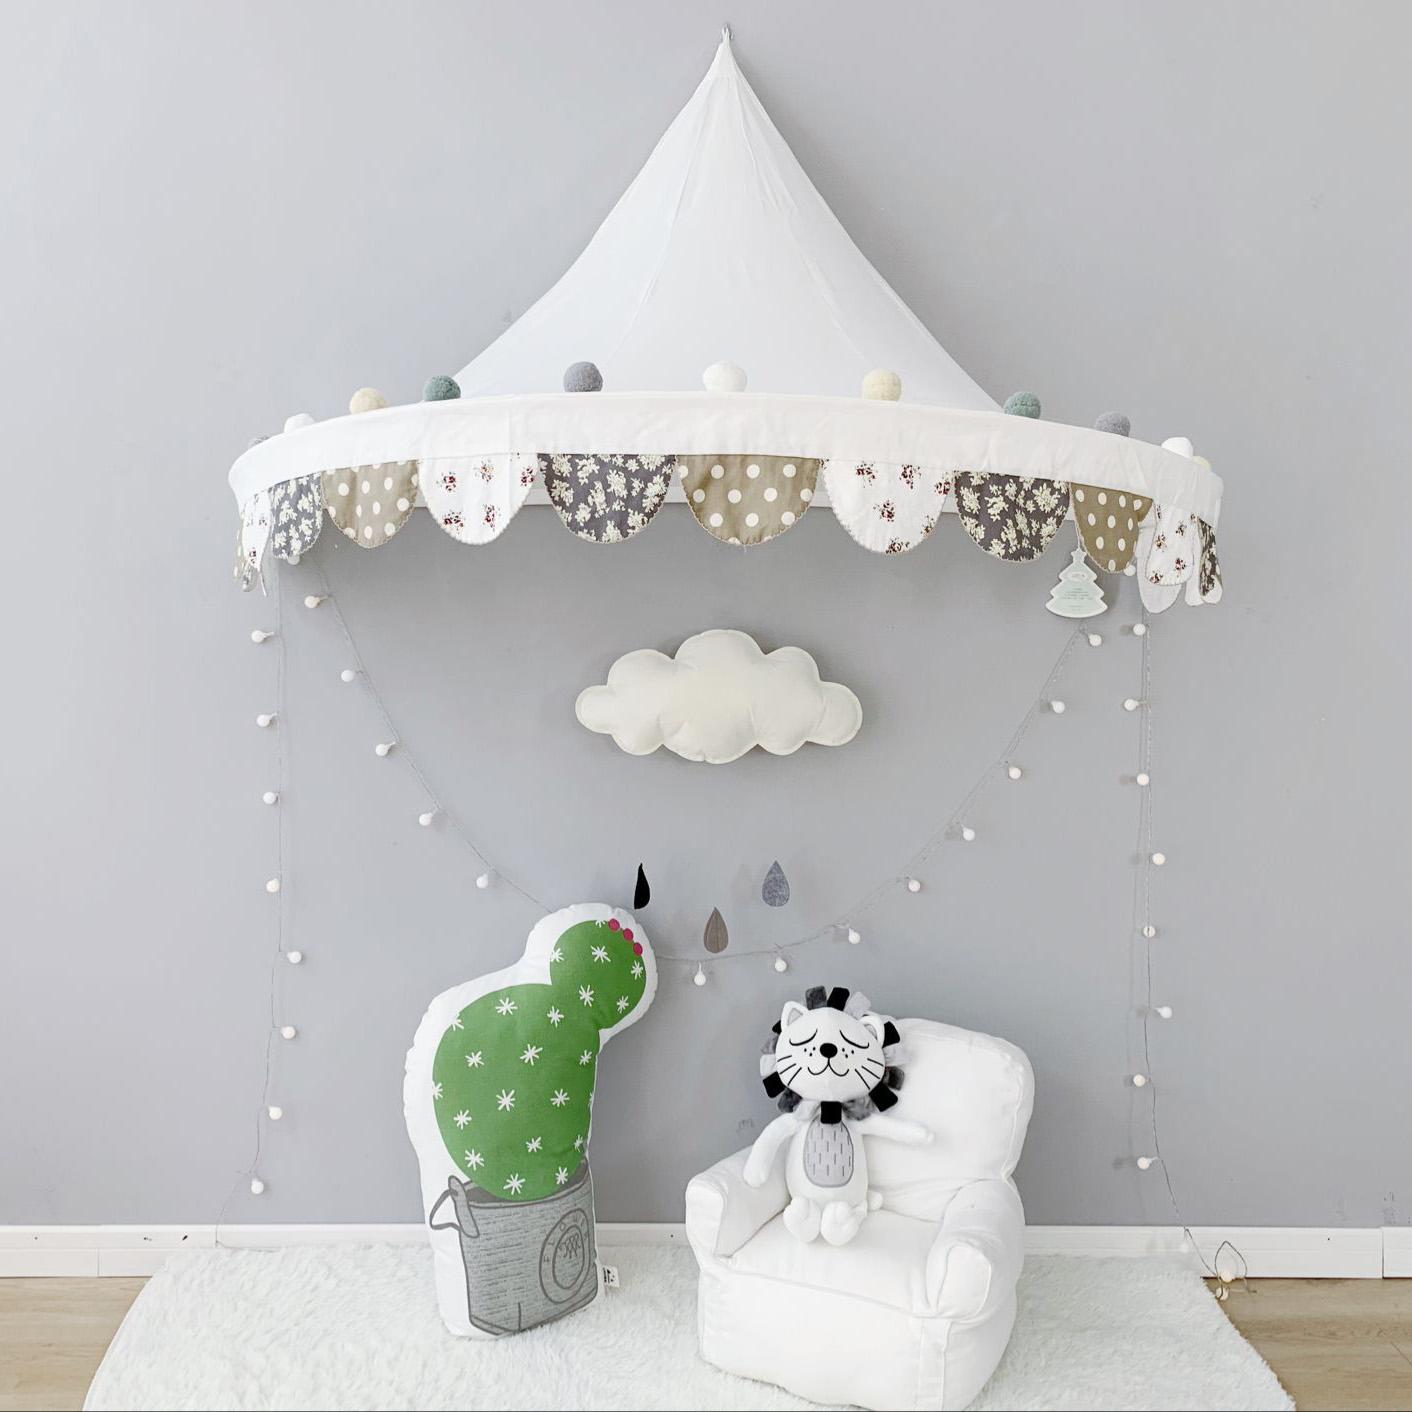 儿童帐篷游戏屋北欧的星星玩具屋纯棉床篷墙面装饰读书角分床神器119.00元包邮